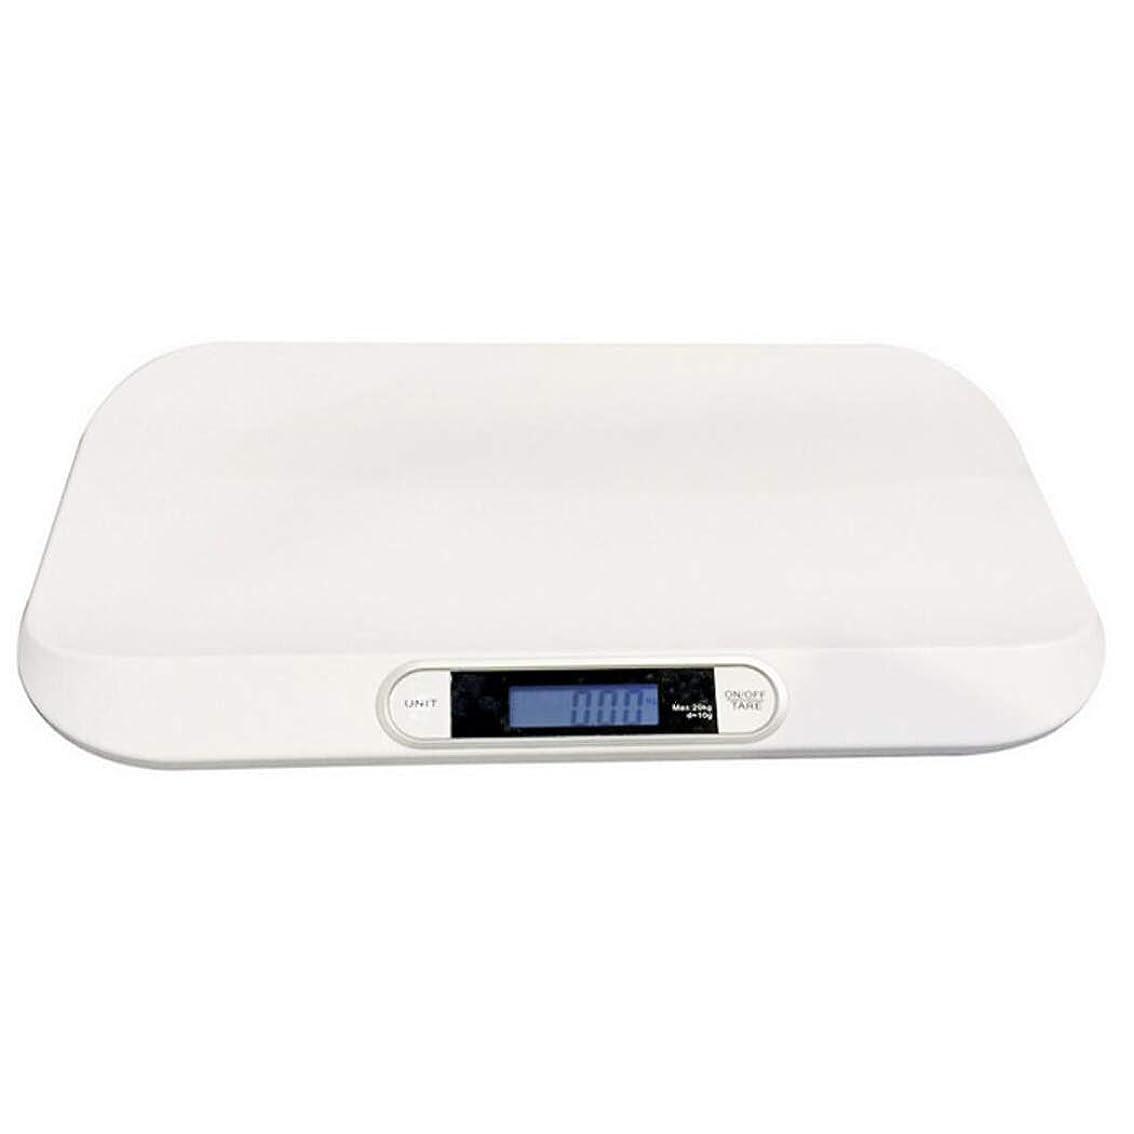 比べる迷信目立つHSBAIS デジタル電子ベビースケール、多機能新生児体重計 ペットスケール、最大容量20 kg / 44ポンド精密10g,white